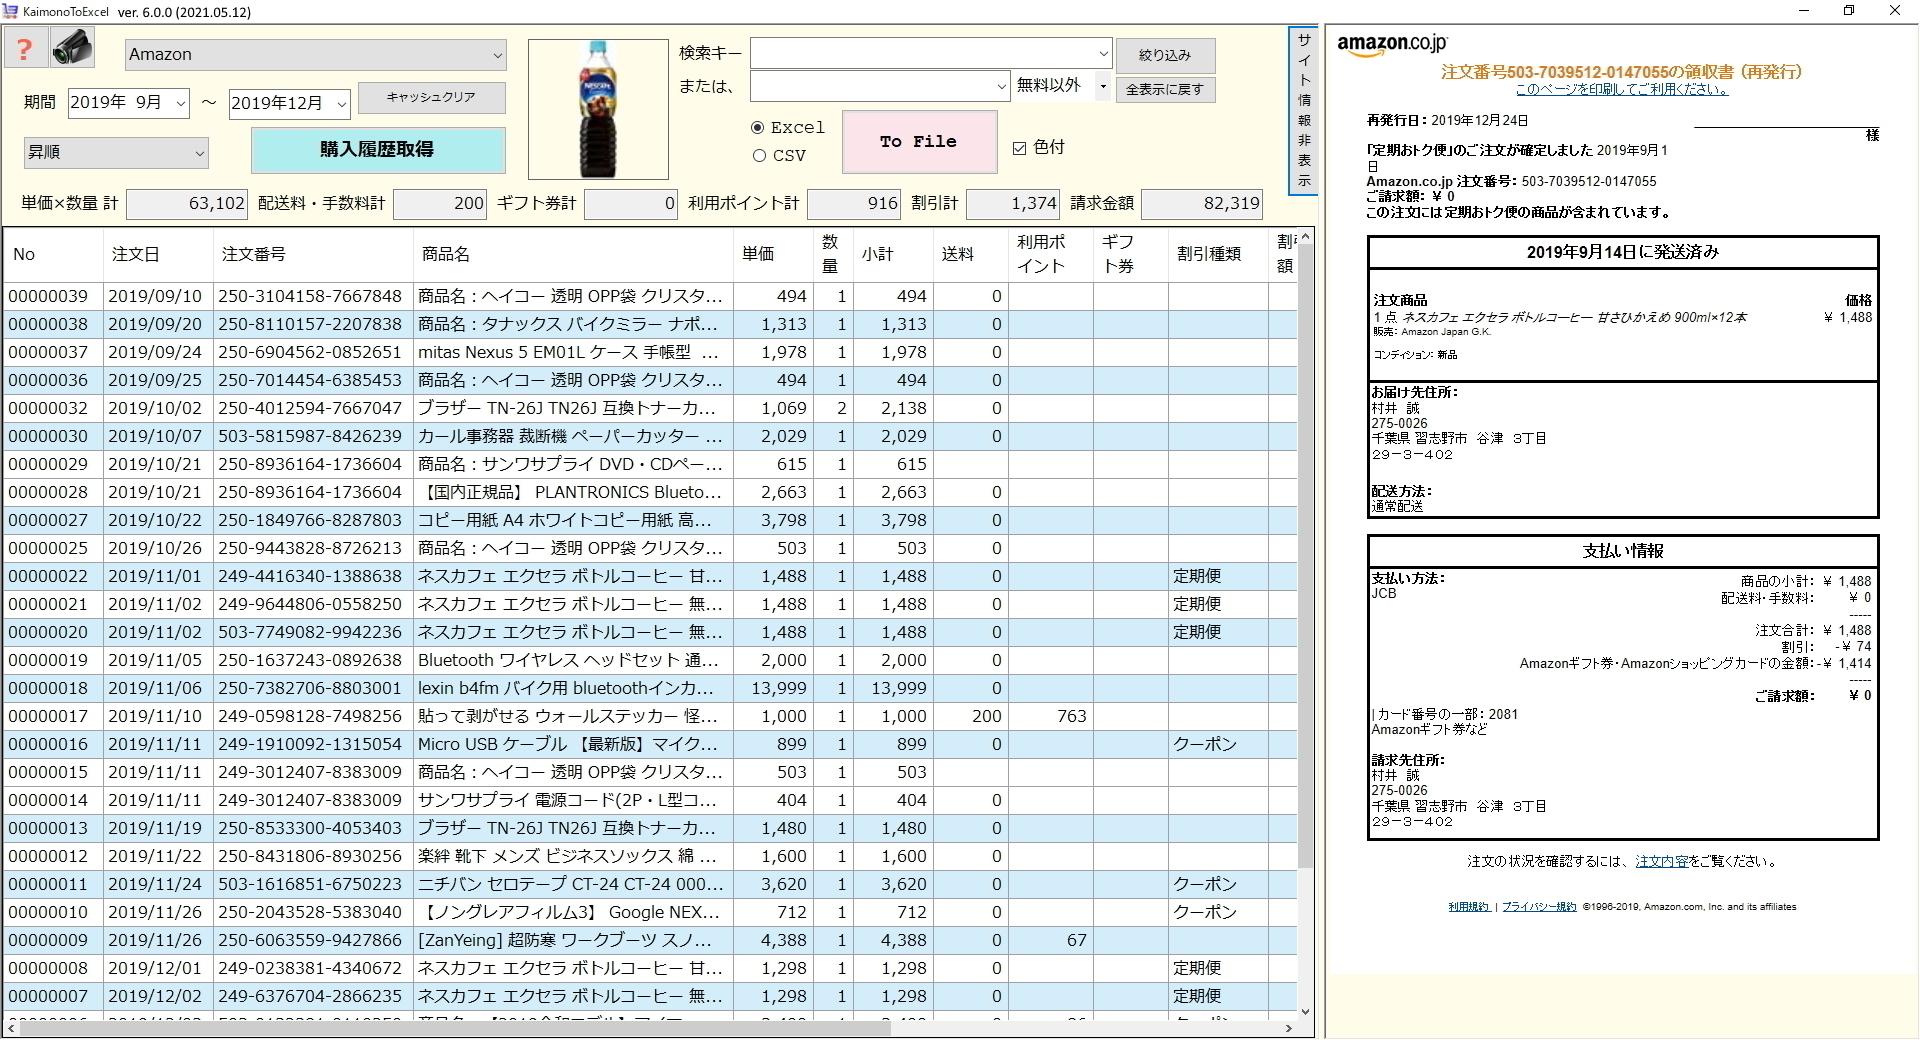 購入履歴一覧画面+決済情報